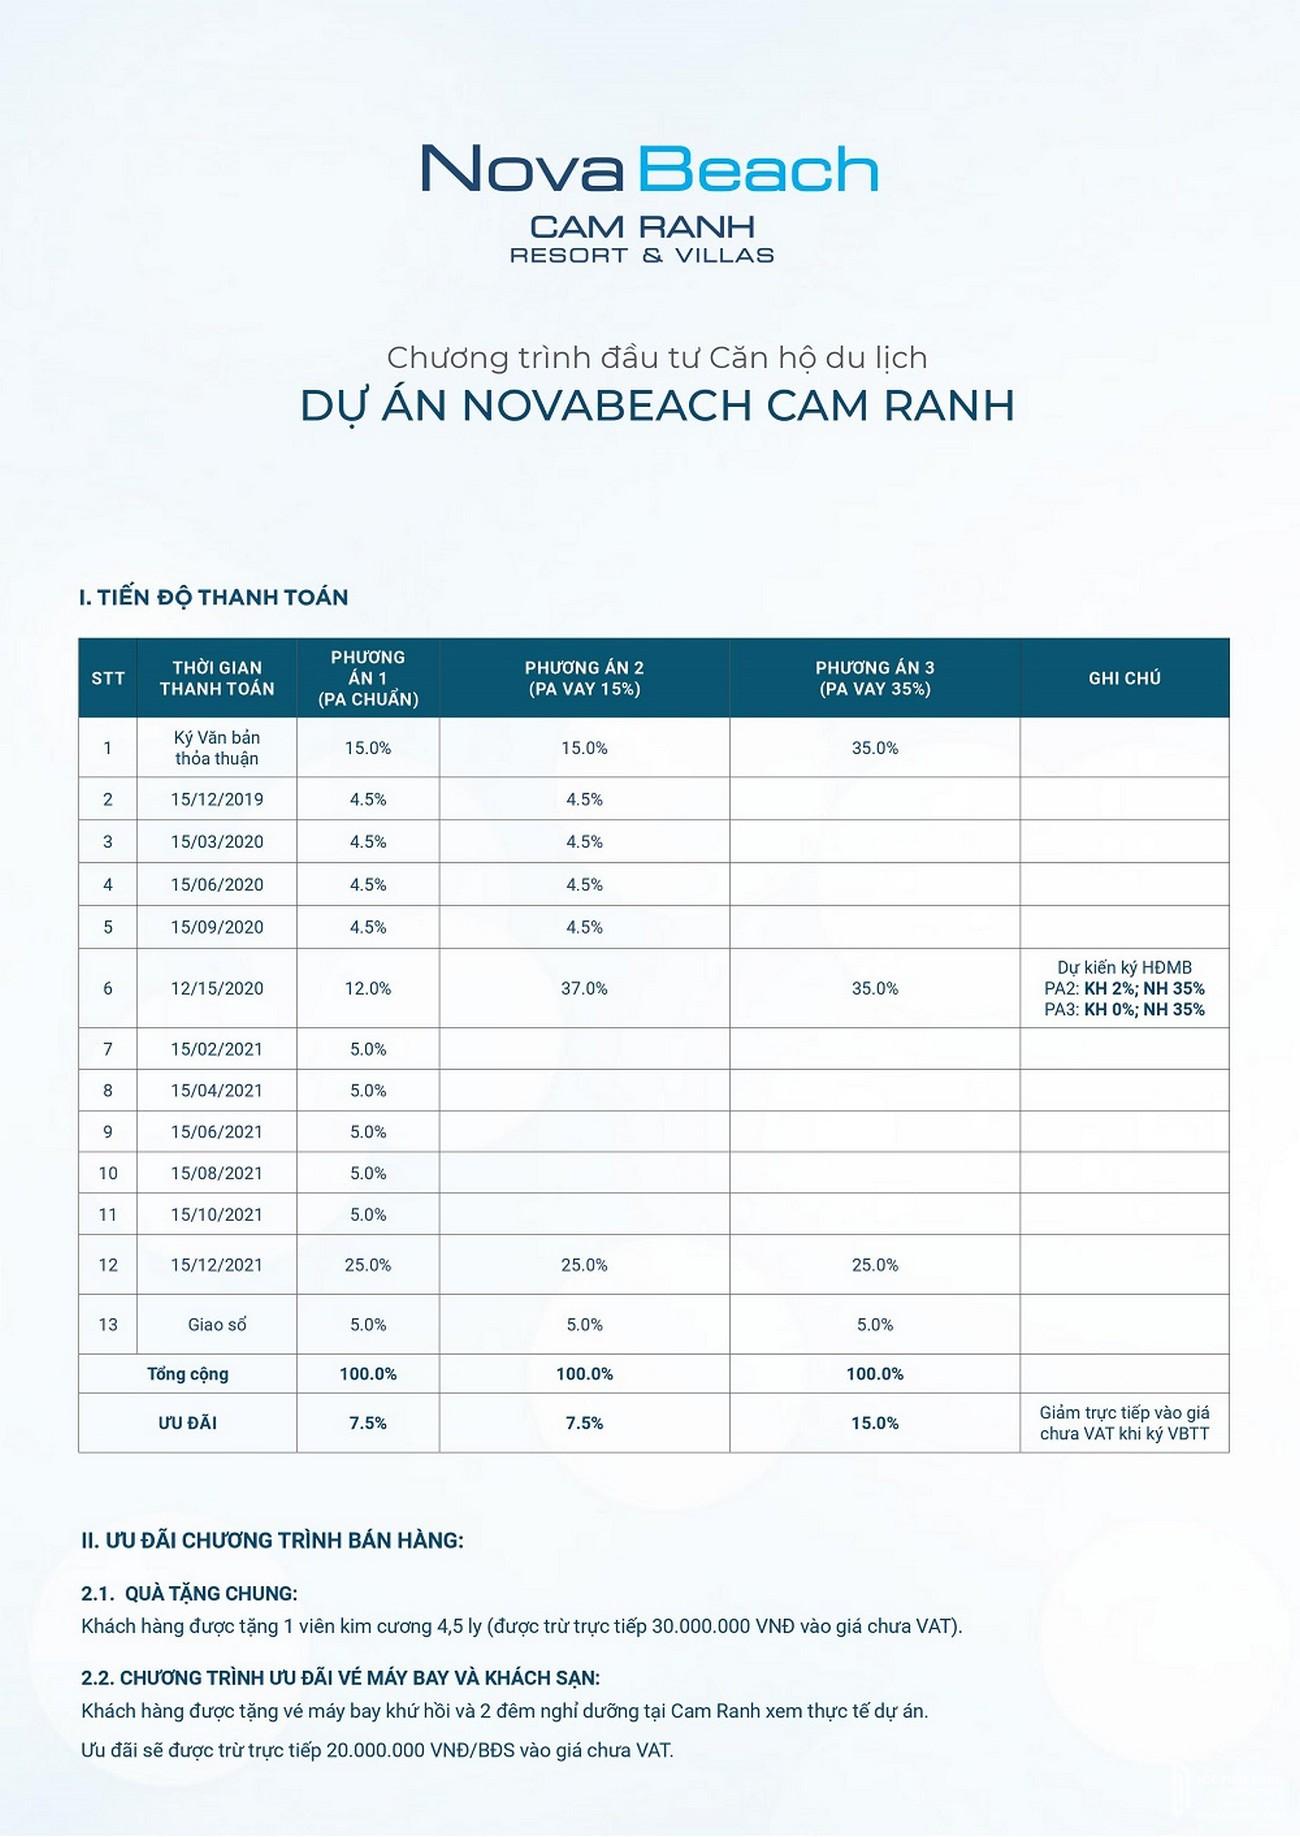 Chương trình bán hàng của dự án Novabeach Cam Ranh nhà phát triển Novaland